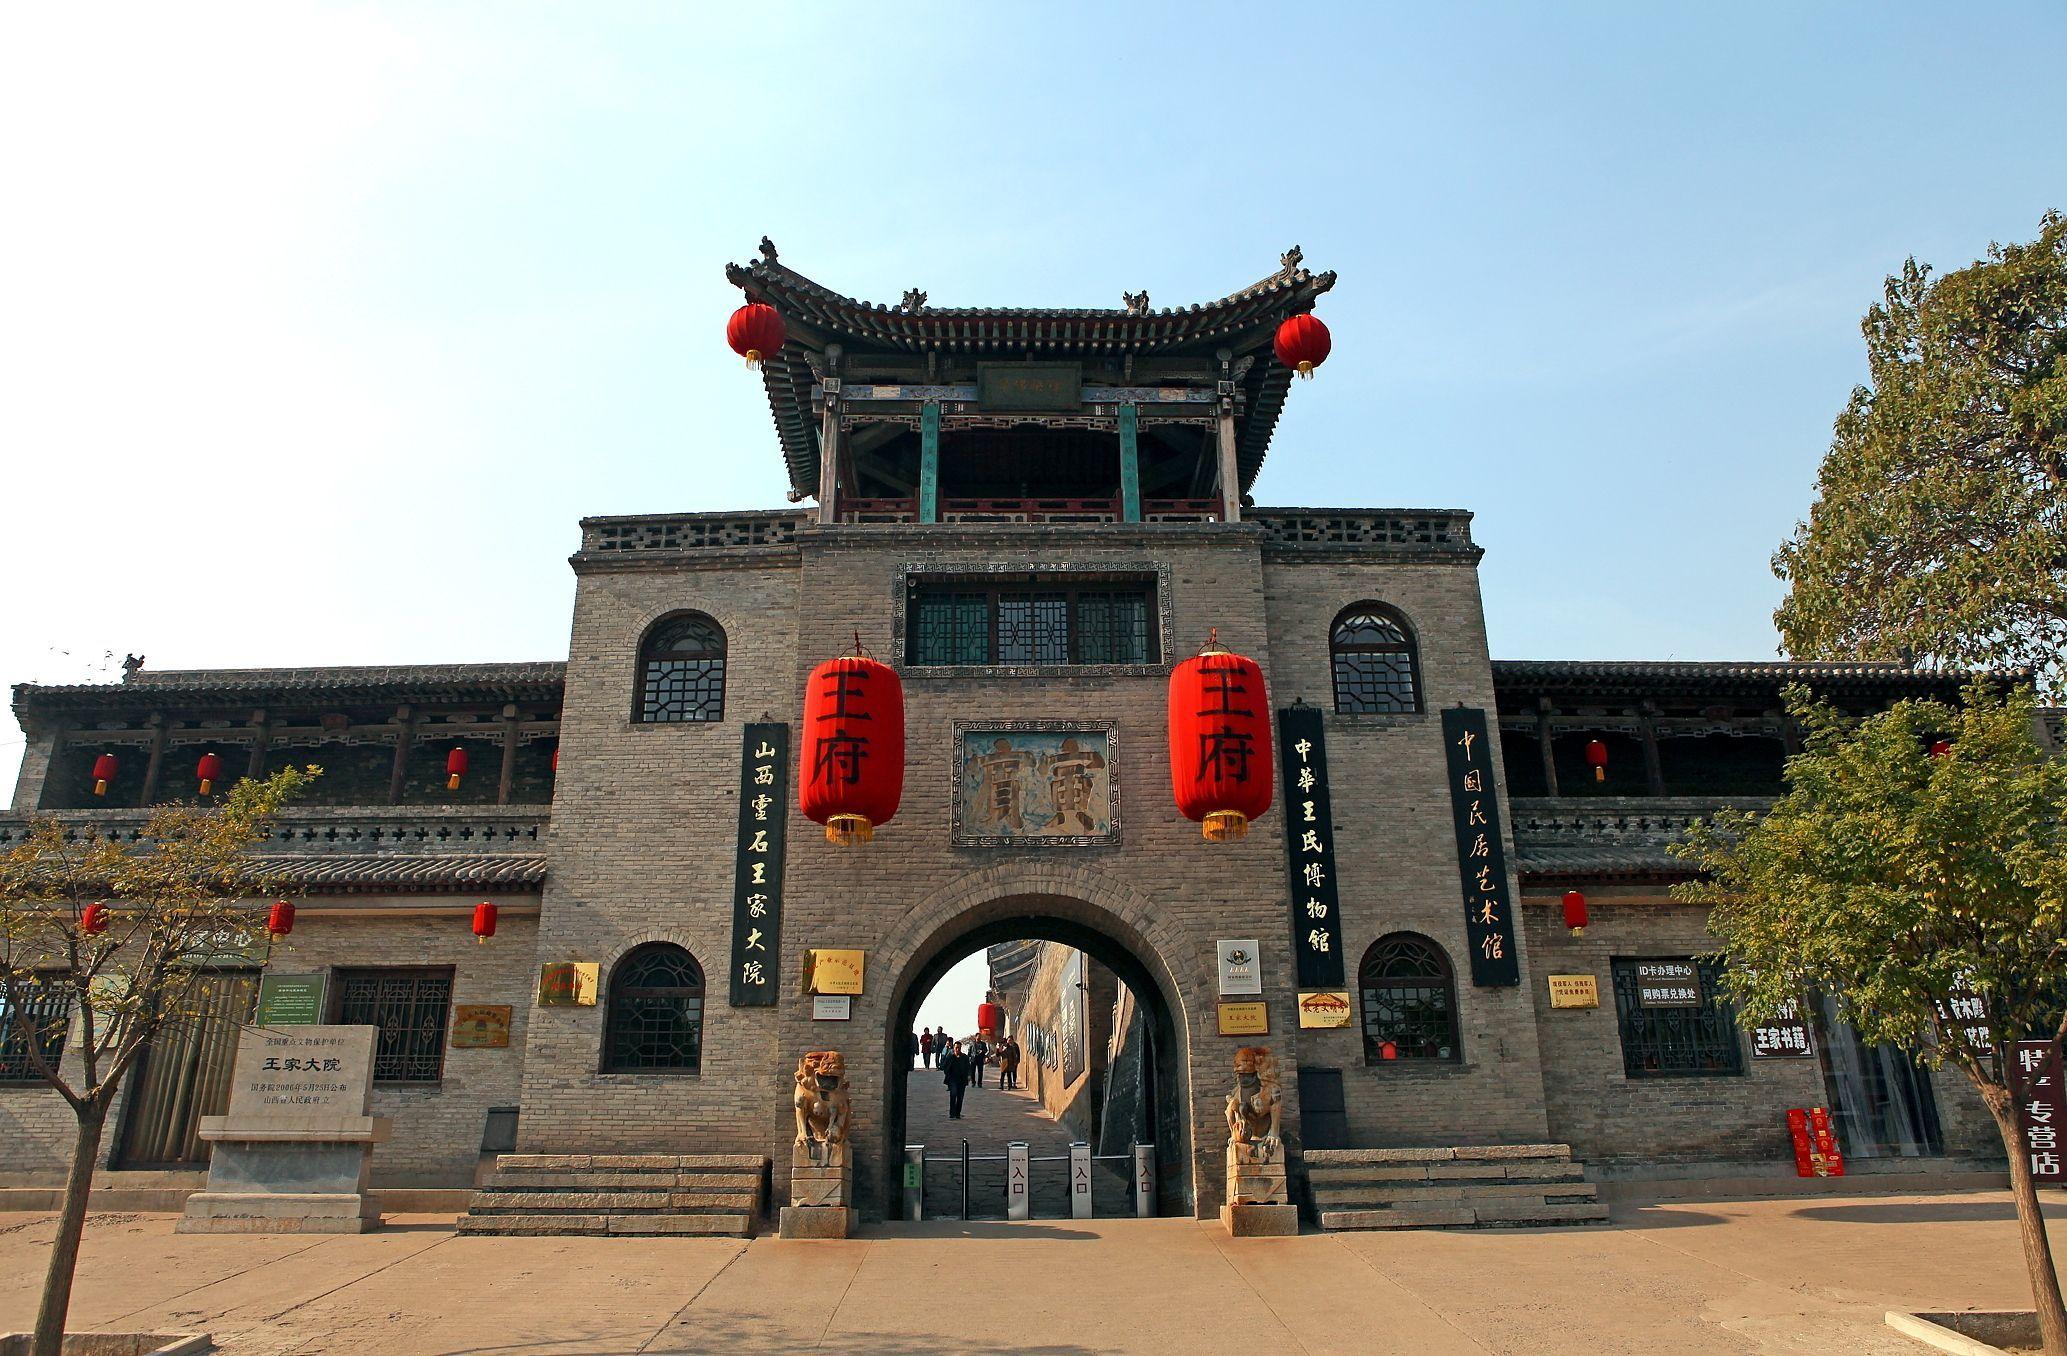 王家大院_国内最霸气的私人院落,面积接近两座皇宫,这才是真正的贵族